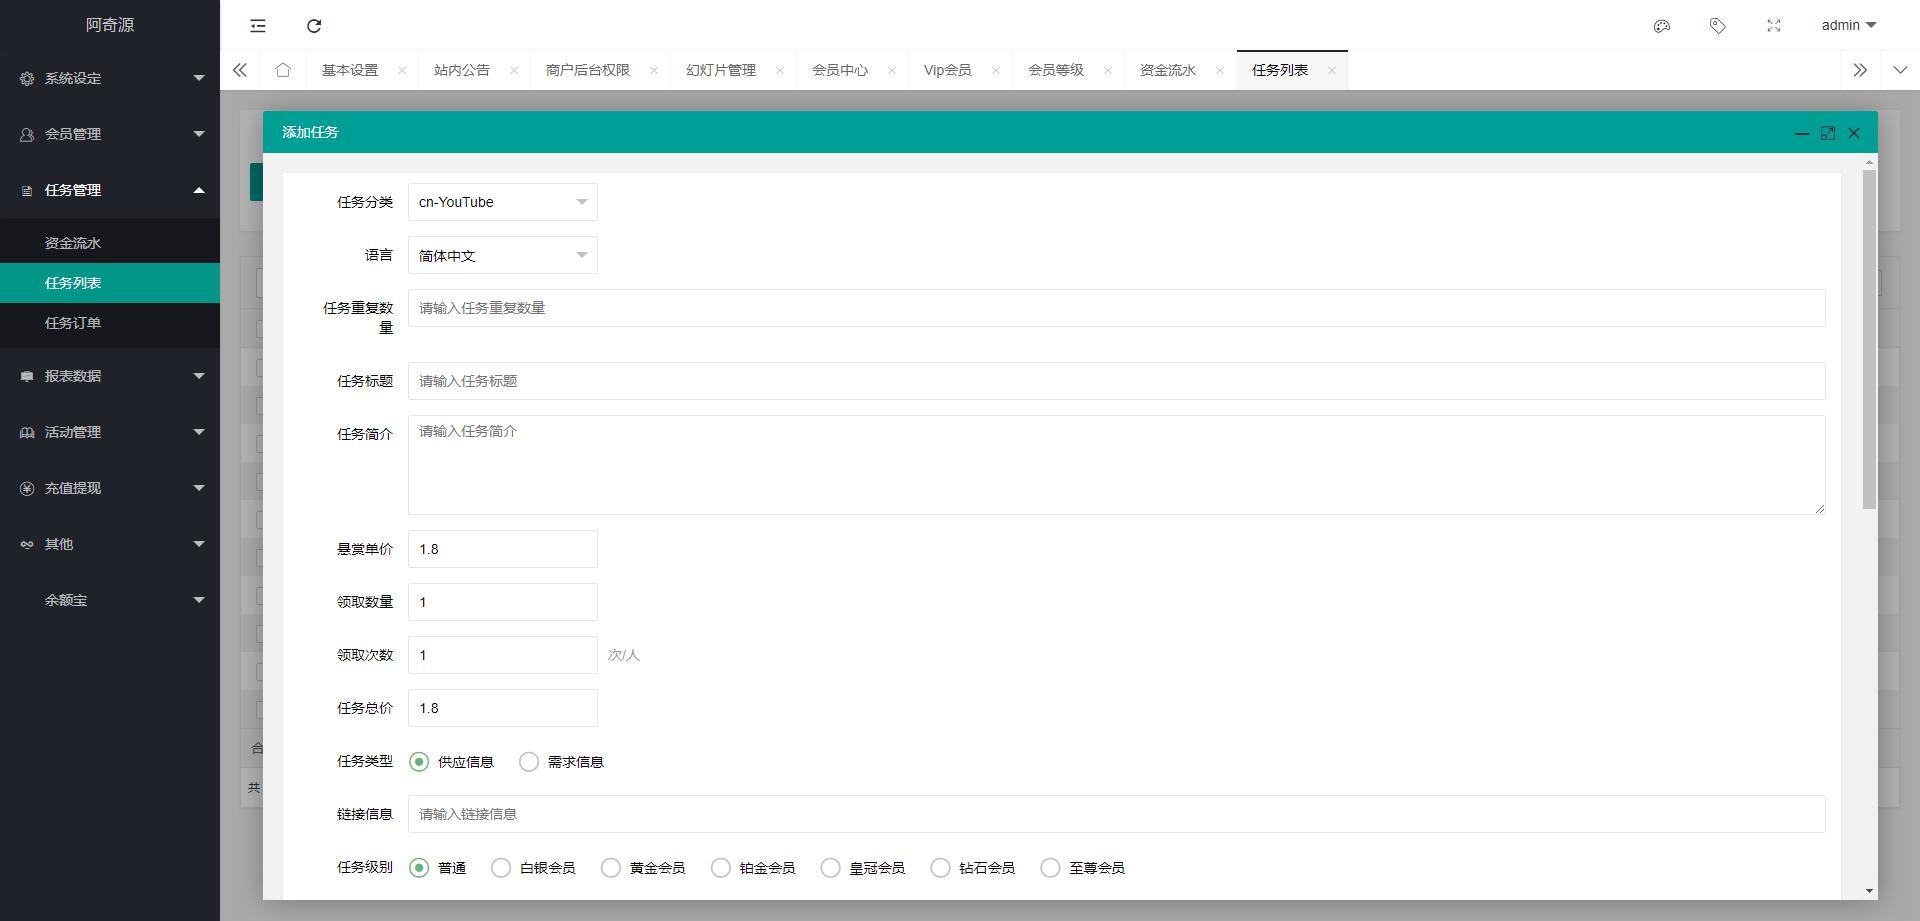 【国际点赞任务平台源码】国际多语言版抖音+快手+脸书+LINE+TIKTOK悬赏平台-52资源网